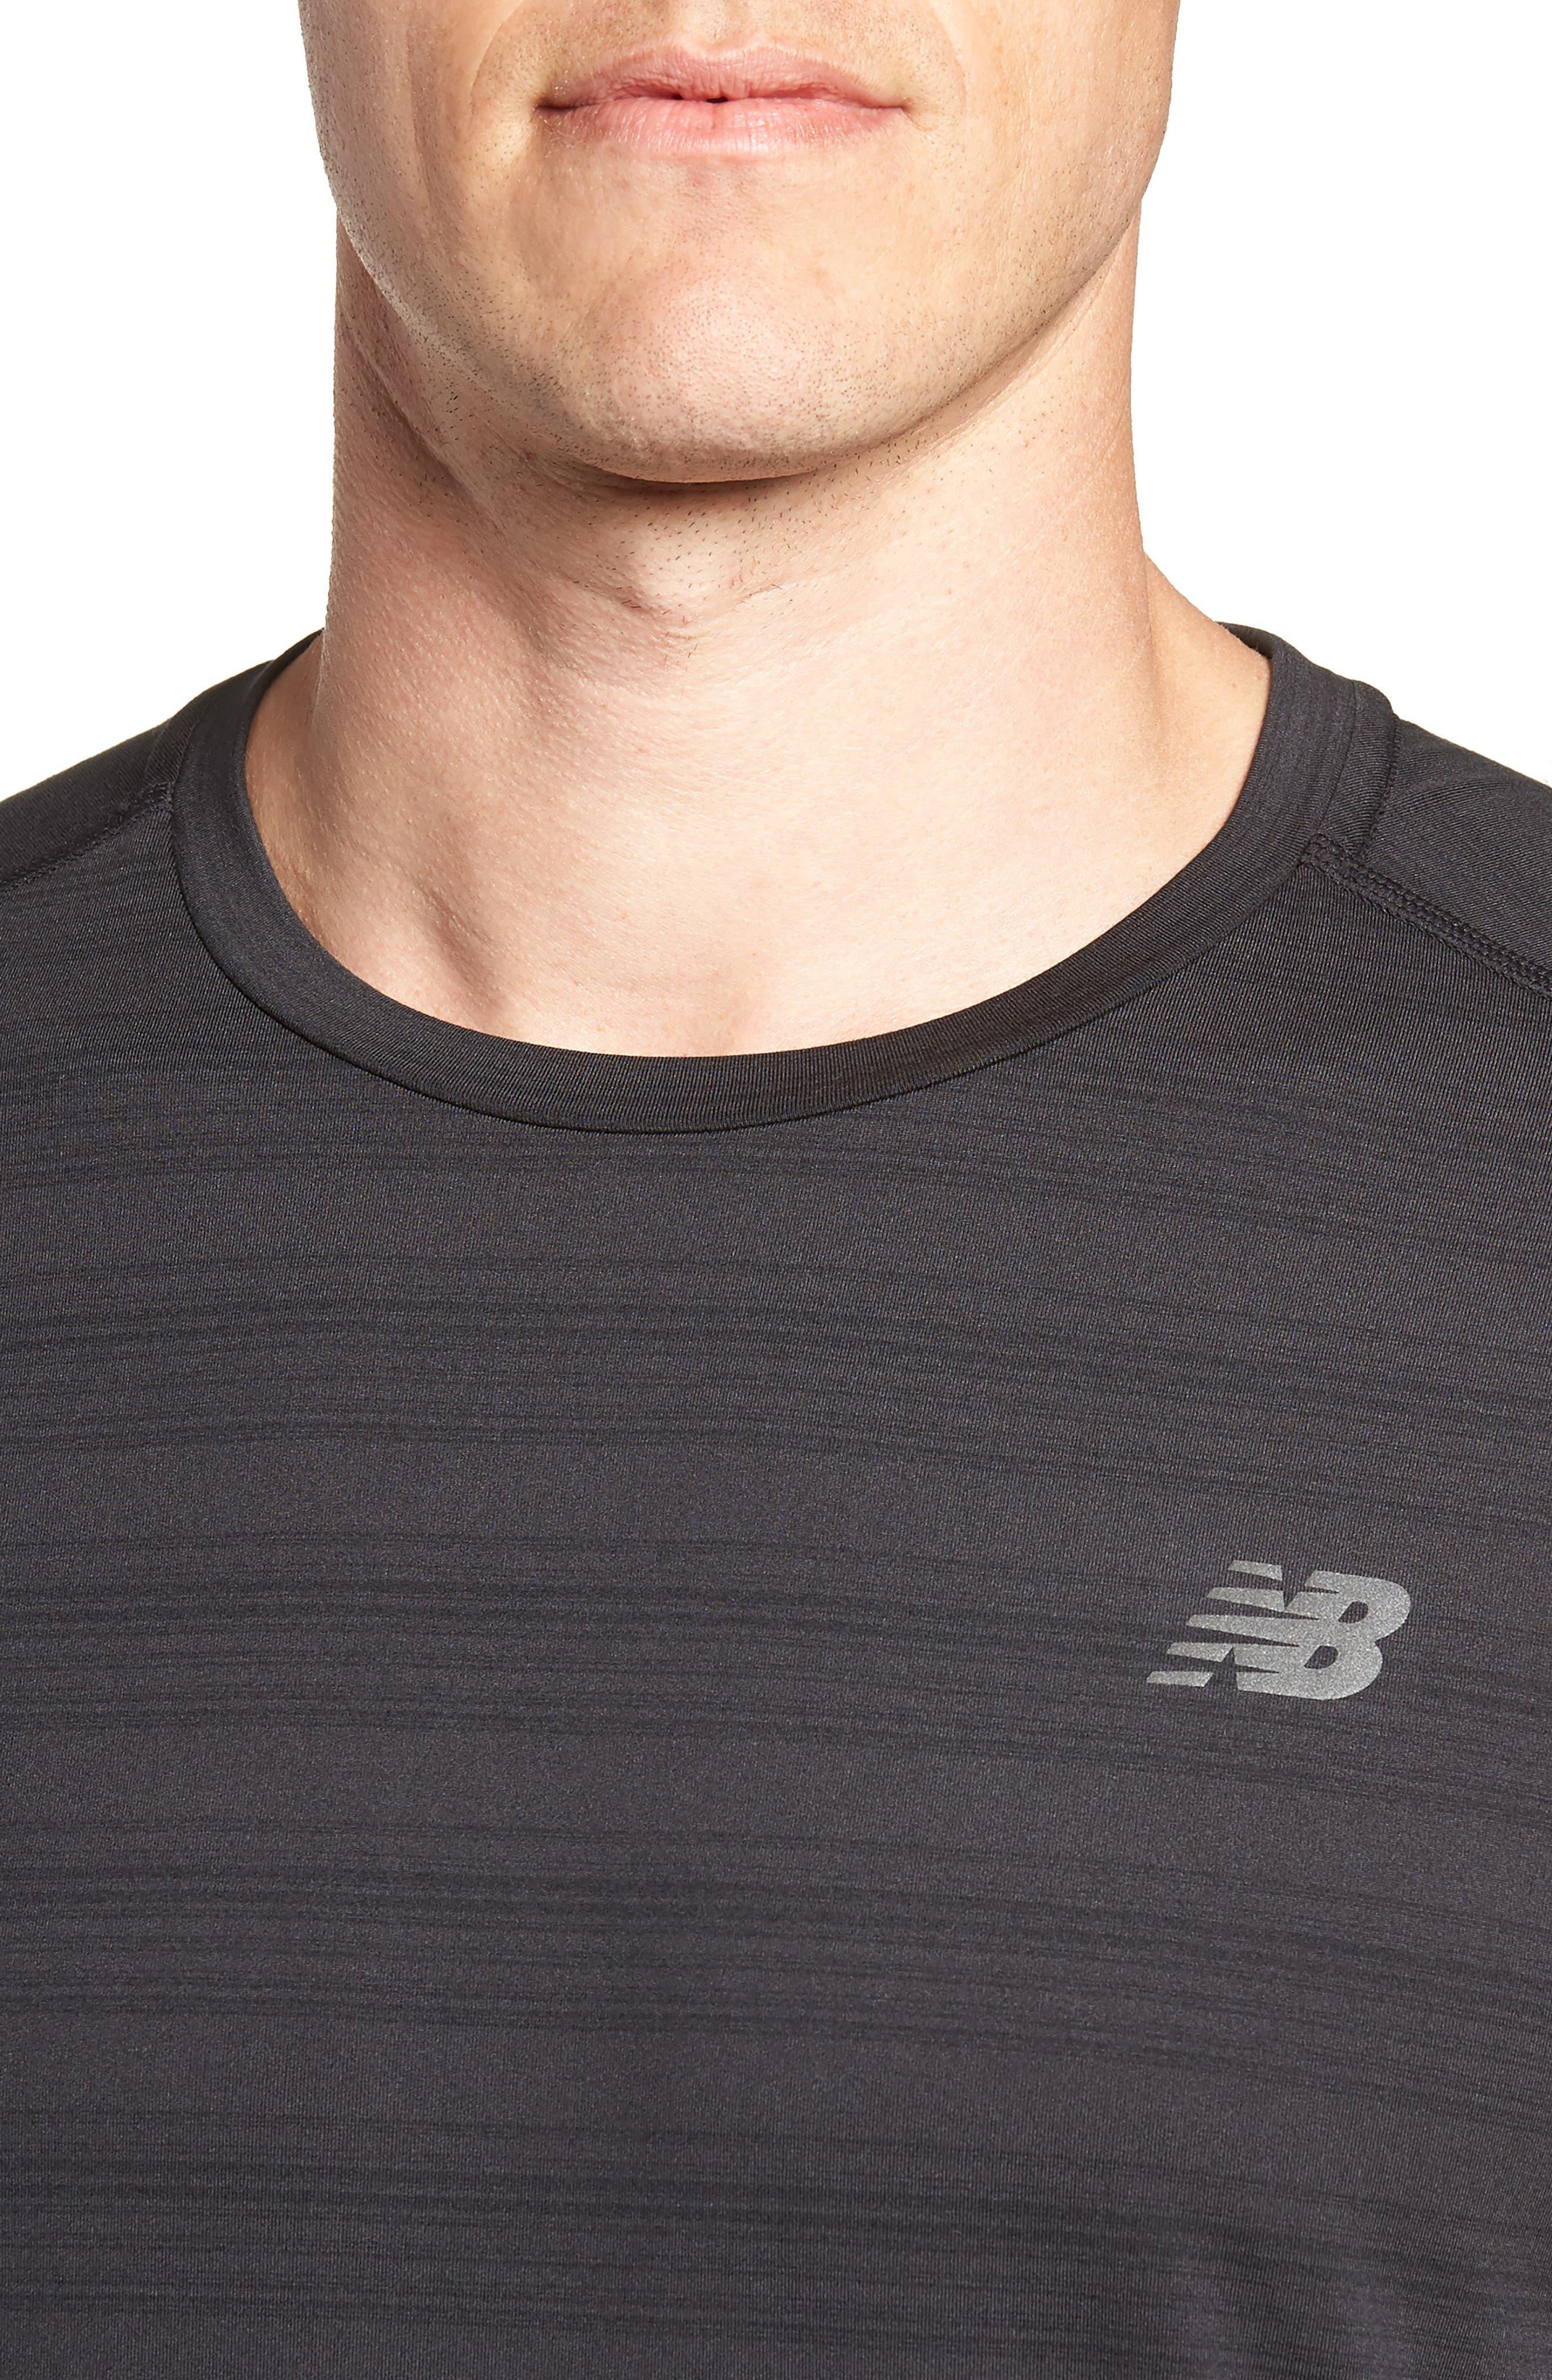 Anticipate Performance T-Shirt,                             Alternate thumbnail 4, color,                             BLACK